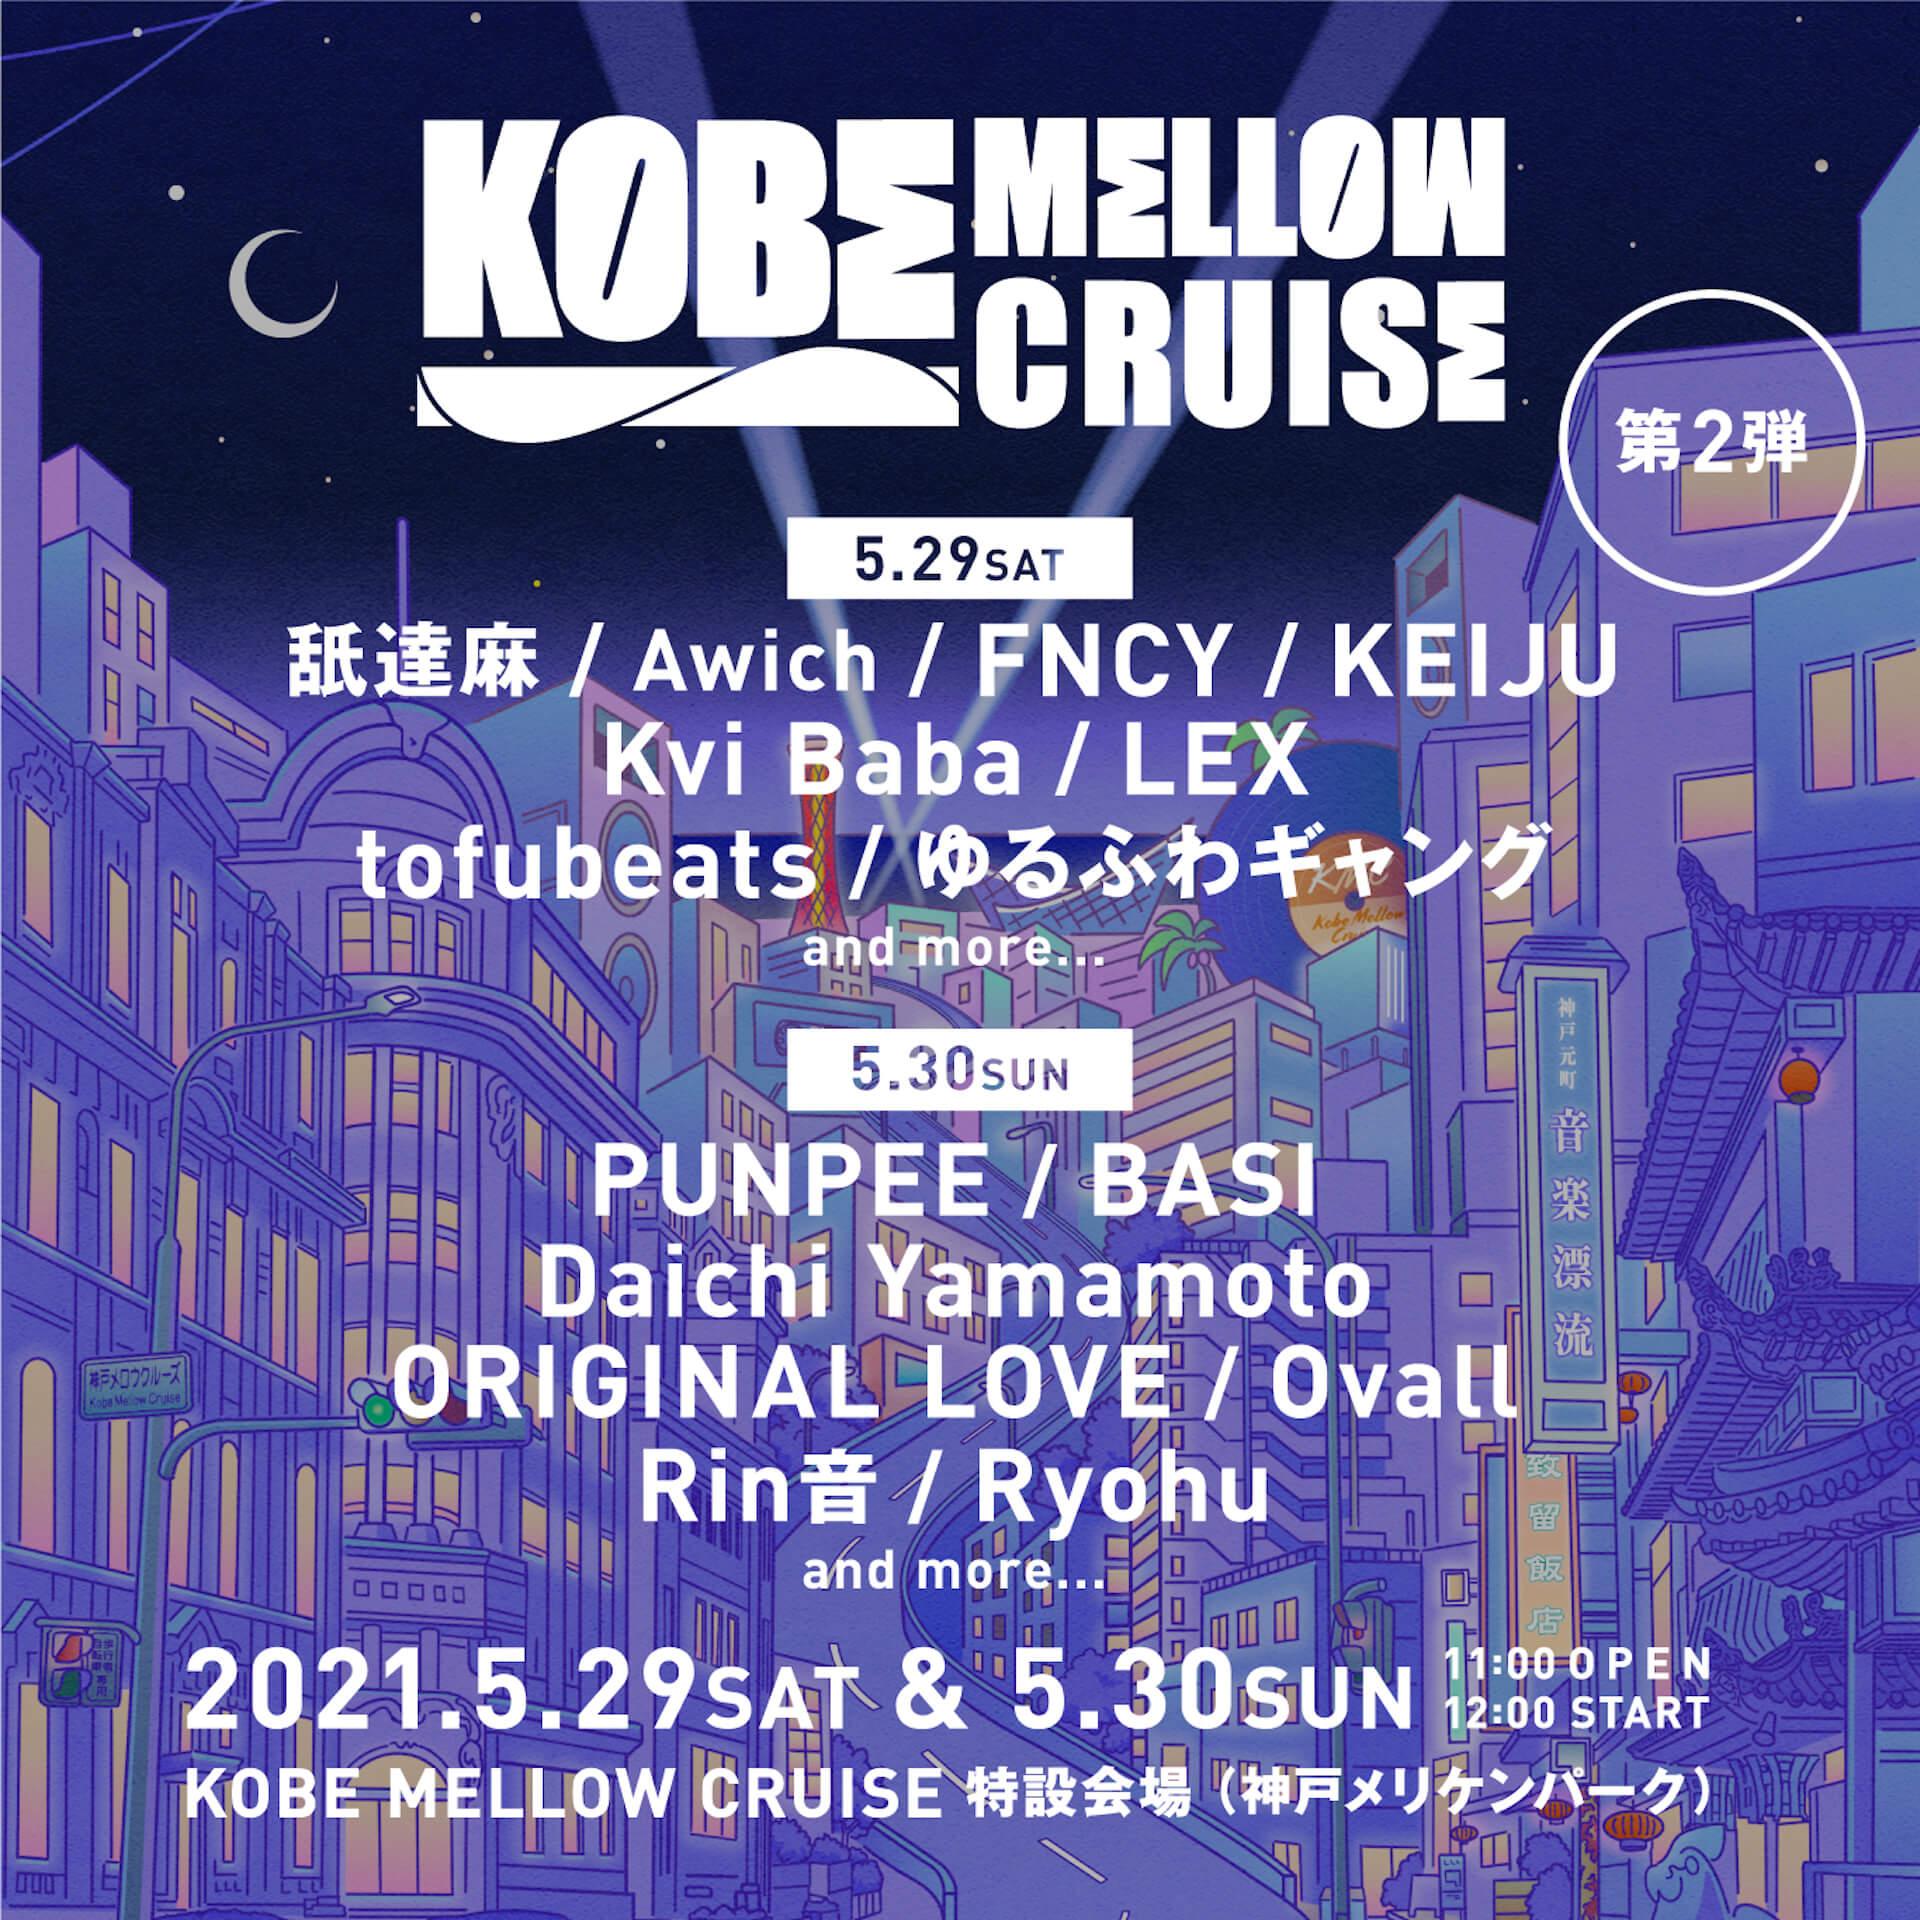 新フェス<KOBE MELLOW CRUISE>にAwich、tofubeats、BASI、ゆるふわギャングが出演決定!2日間の日割りも発表 music210226_kmc_2